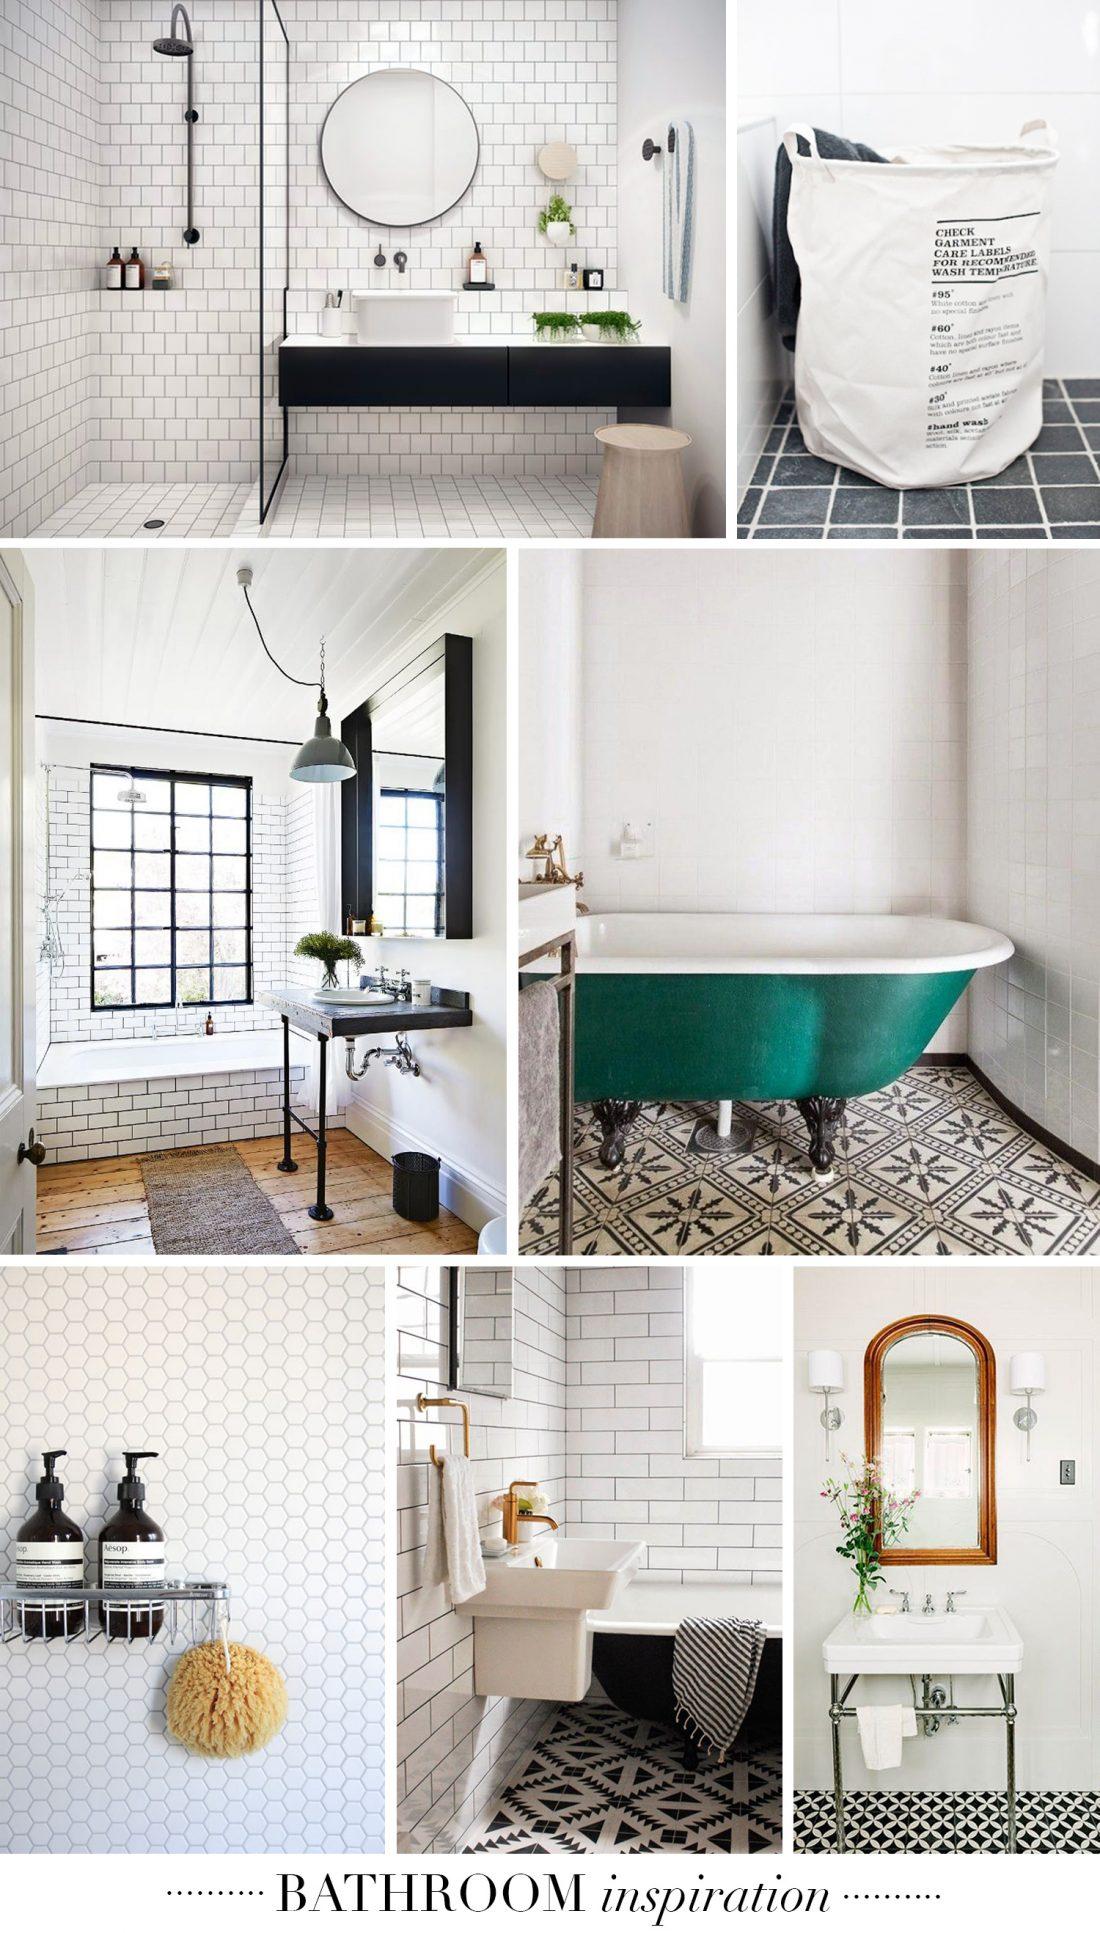 badeværelse@2x.jpg